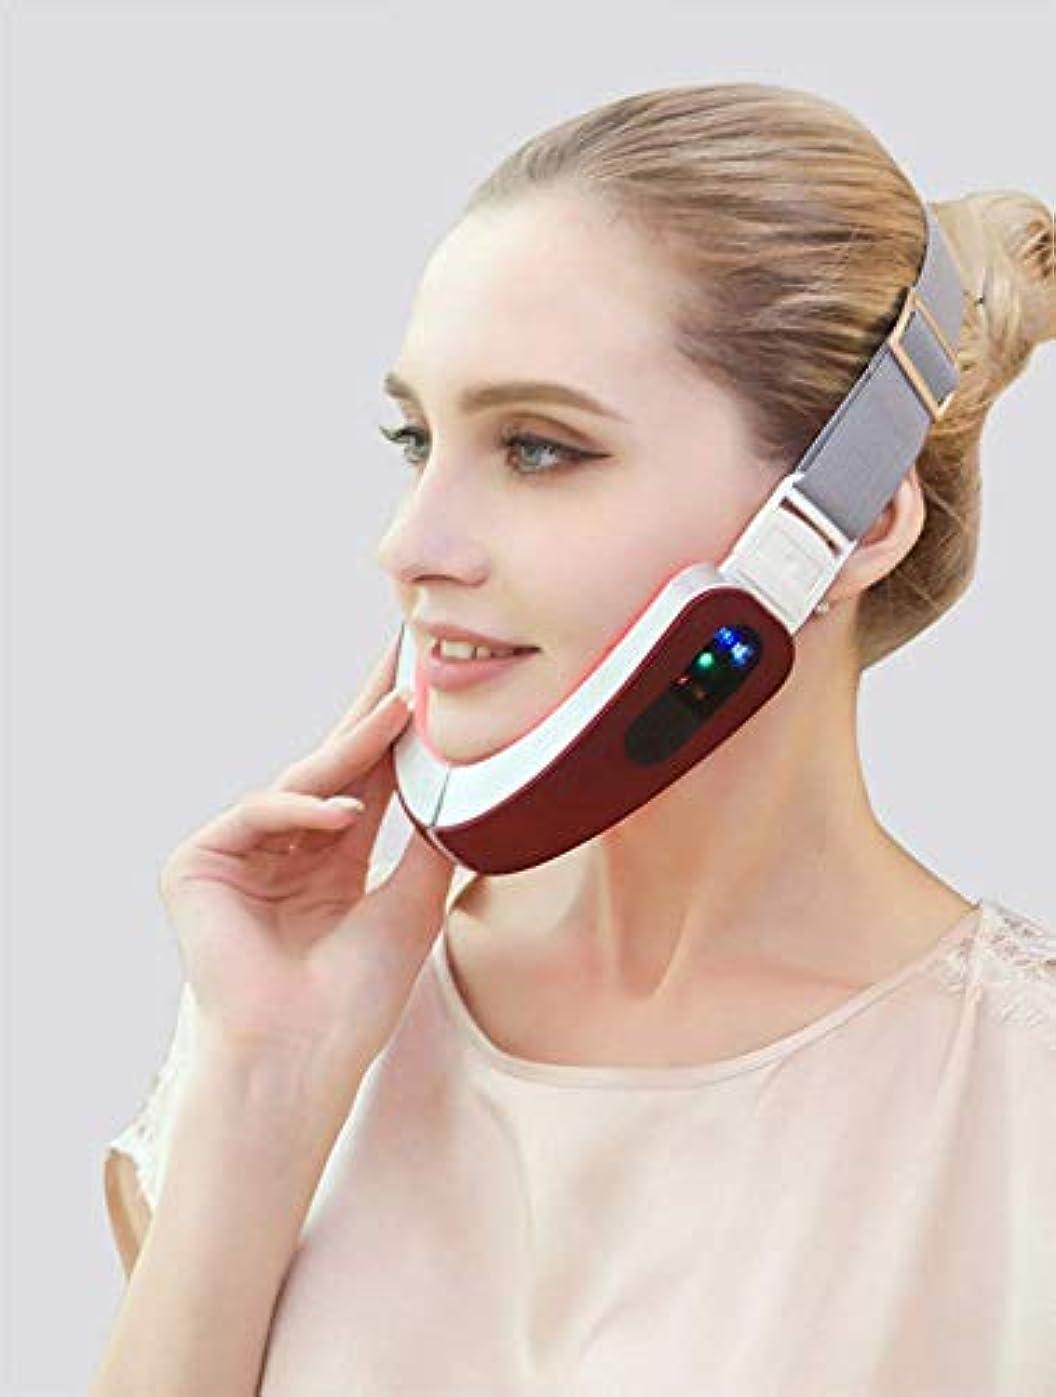 強大な計り知れないダウンタウンLquide Mart Voice Thin Face Artifact Small V Face Bandage Firming Facial Beauty Bar Rejuvenation Massage Instrument...